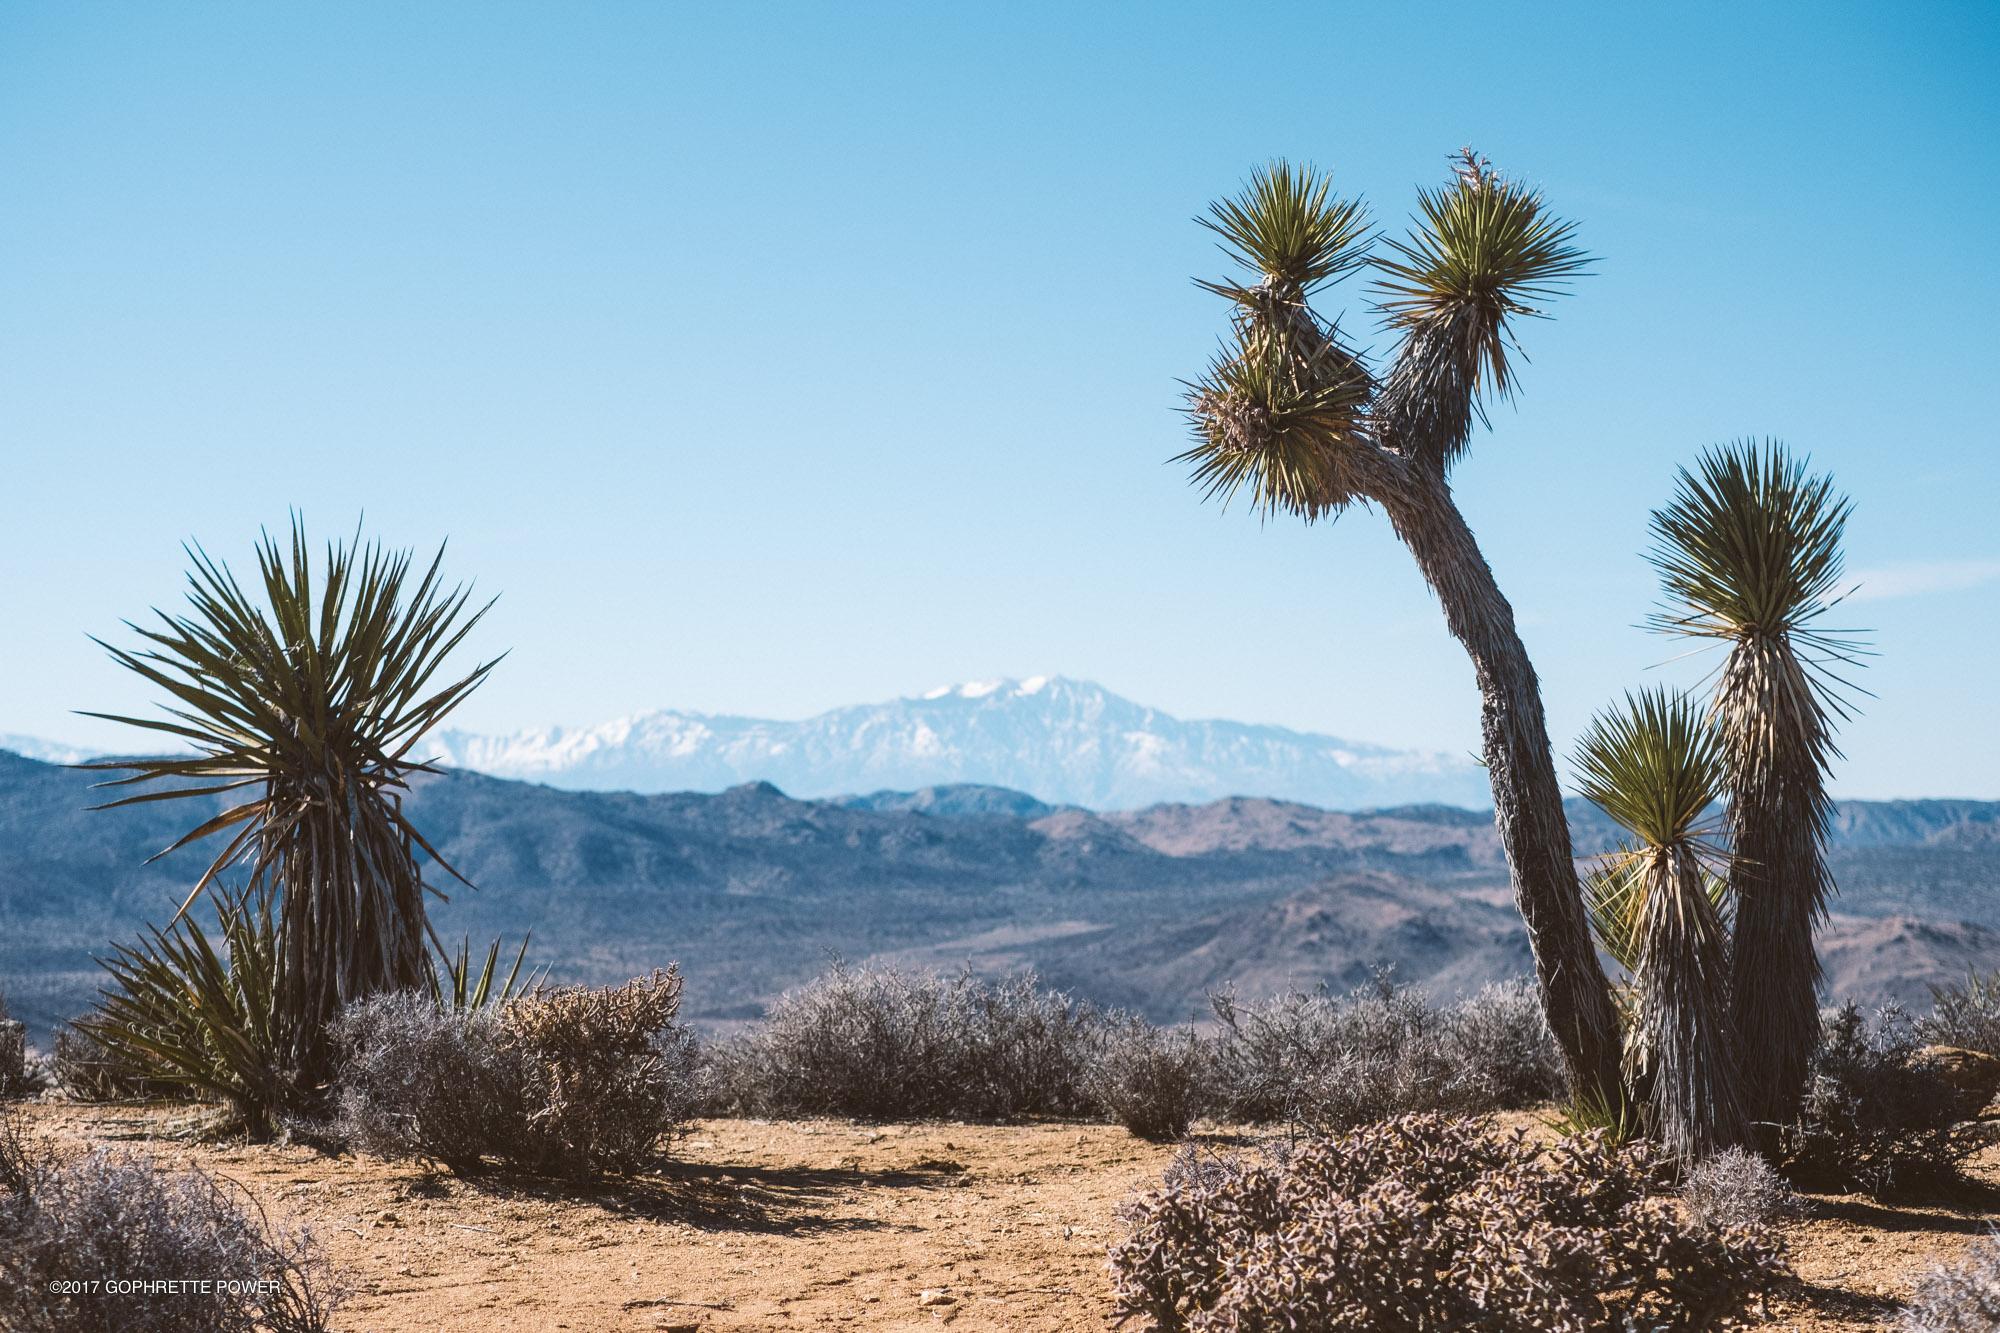 La vue au sommet de Ryan Mountain d'où l'on peut voir le Mont San Gorgonio.